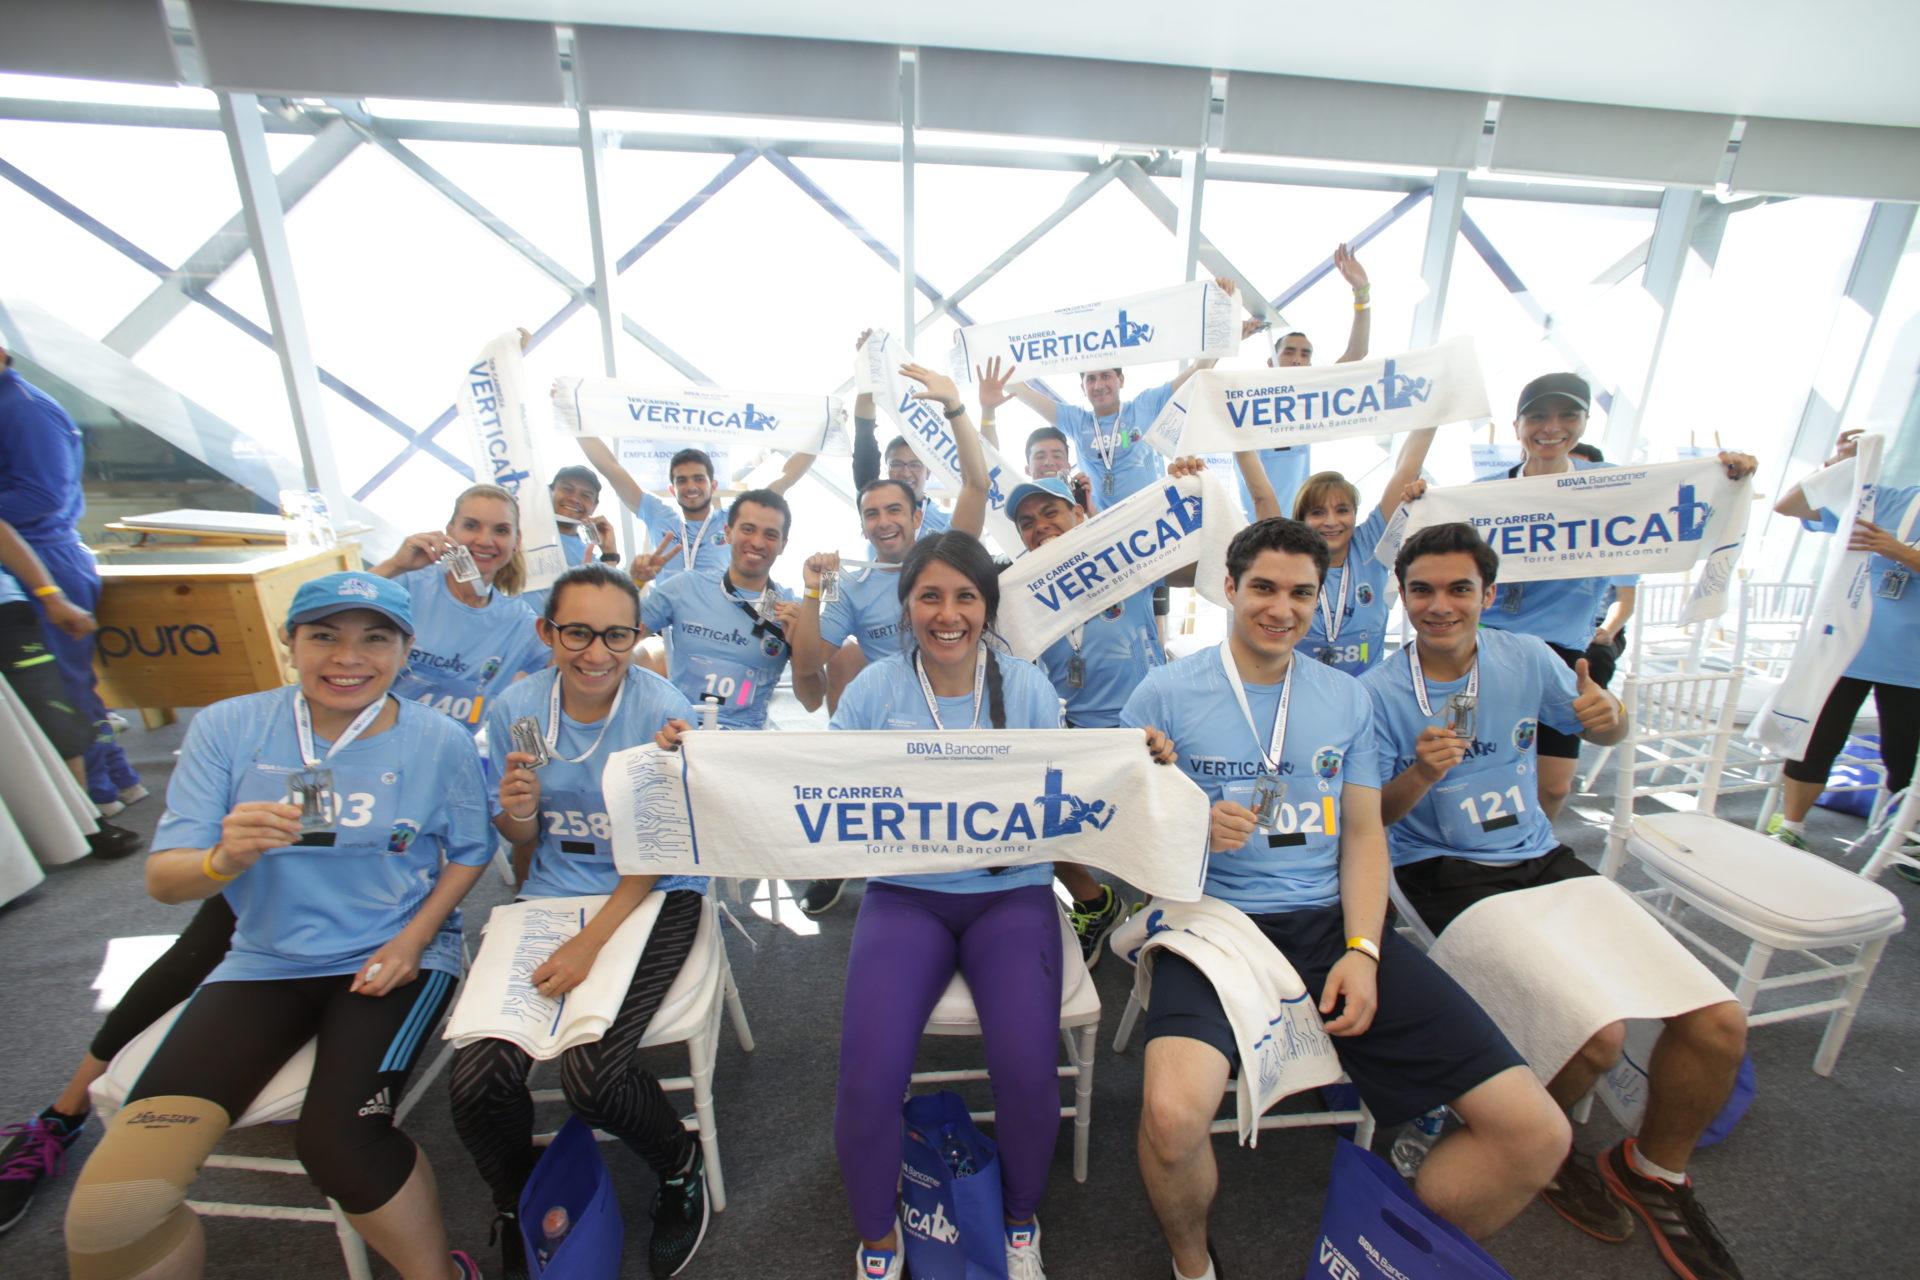 Ganadores previo a la premiación Carrera Vertical Torre BBVA Bancomer